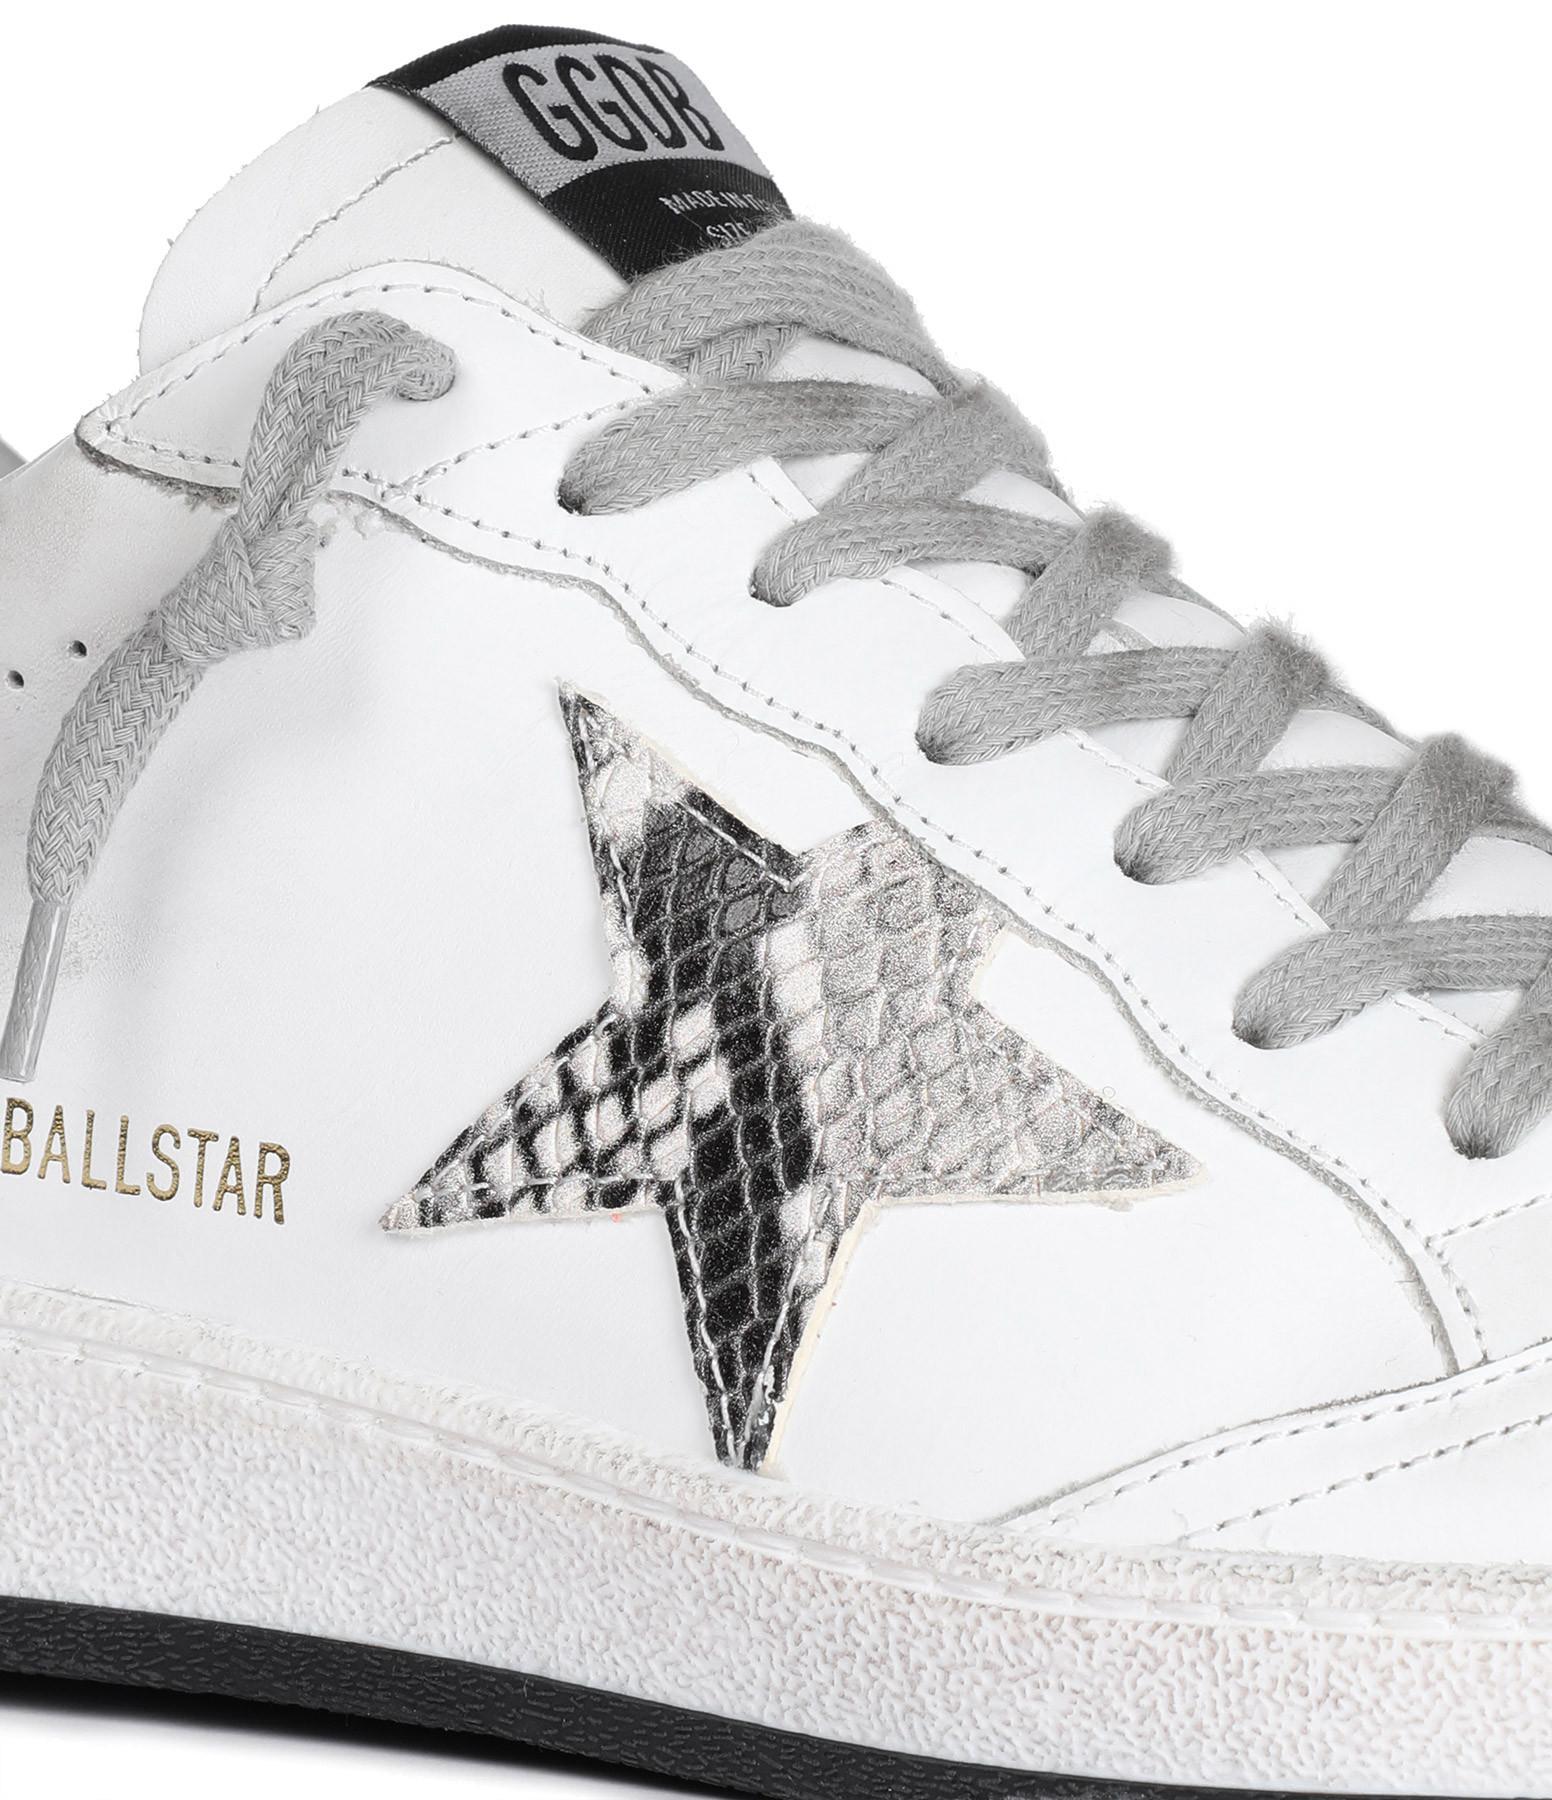 GOLDEN GOOSE - Baskets Ball Star Rock Cuir Blanc Python